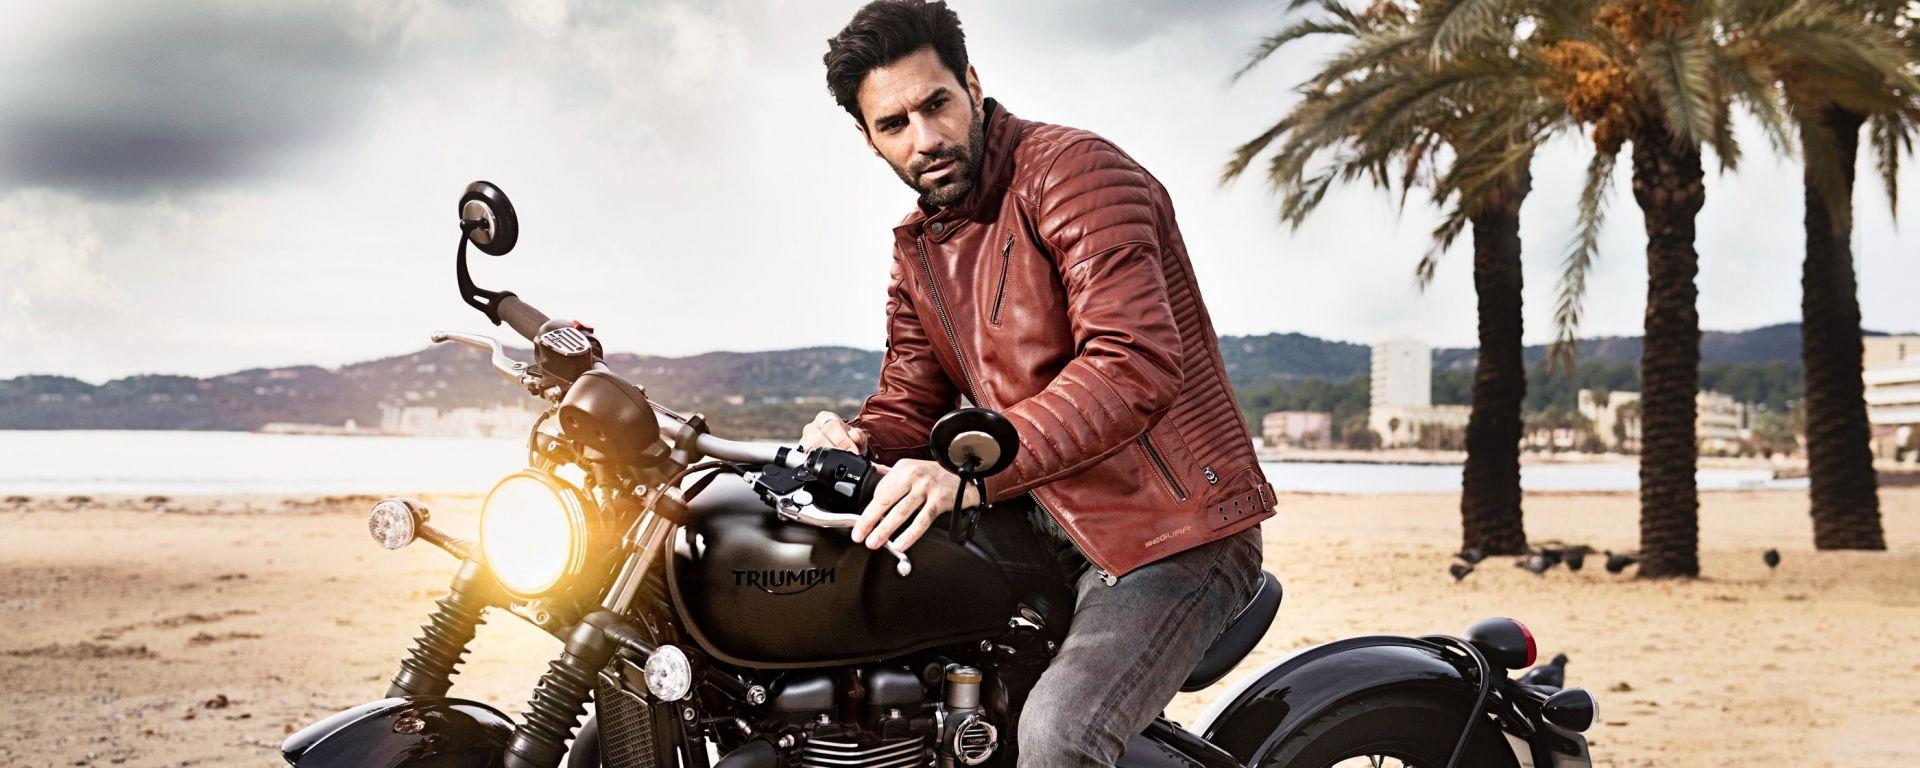 Segura: la giacca Gomore riporta in strada l'iconica Perfecto